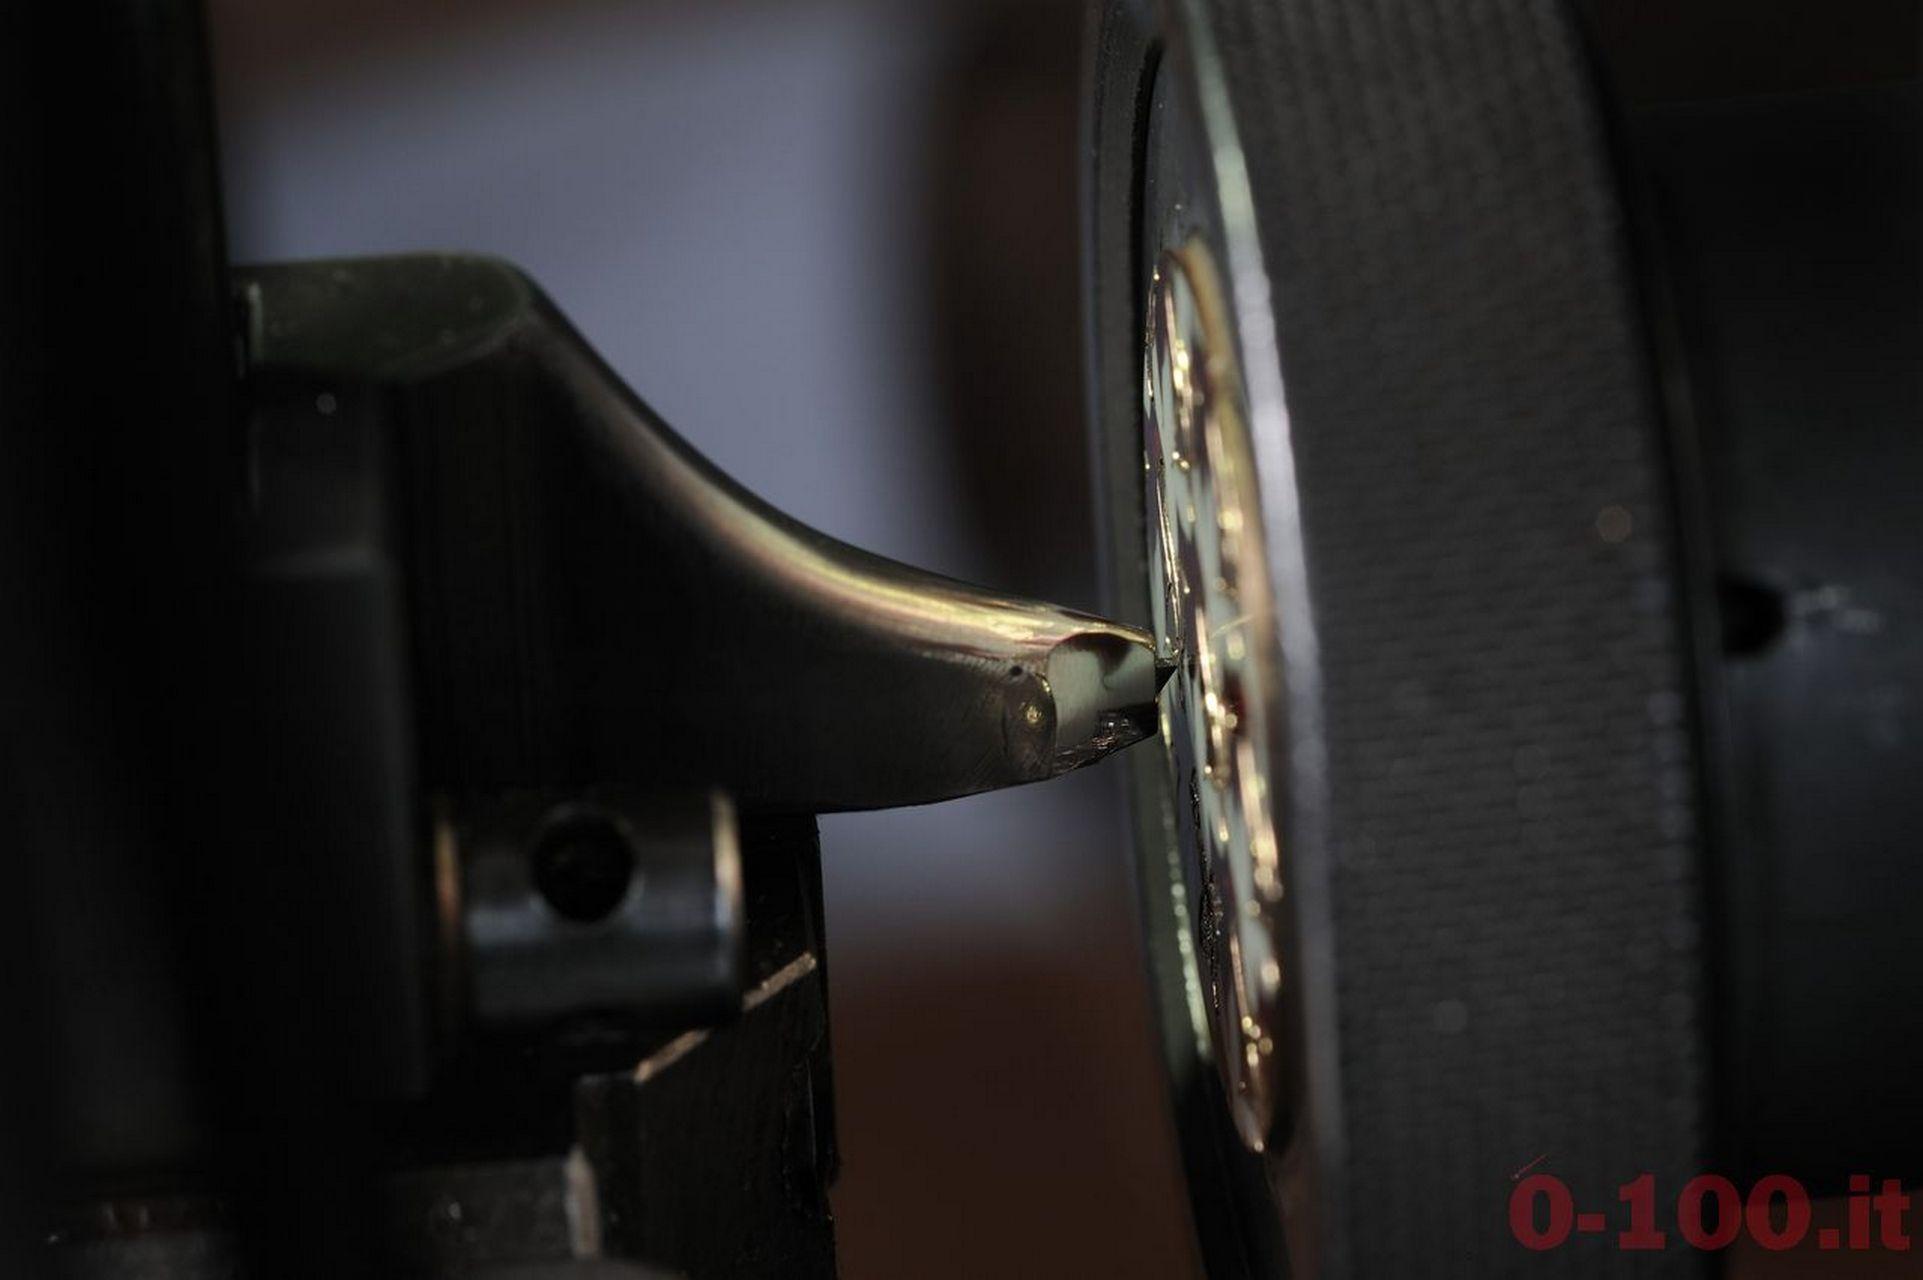 vacheron-constantin-guillochage_metiers-dart-mecaniques-ajourees_0-1006